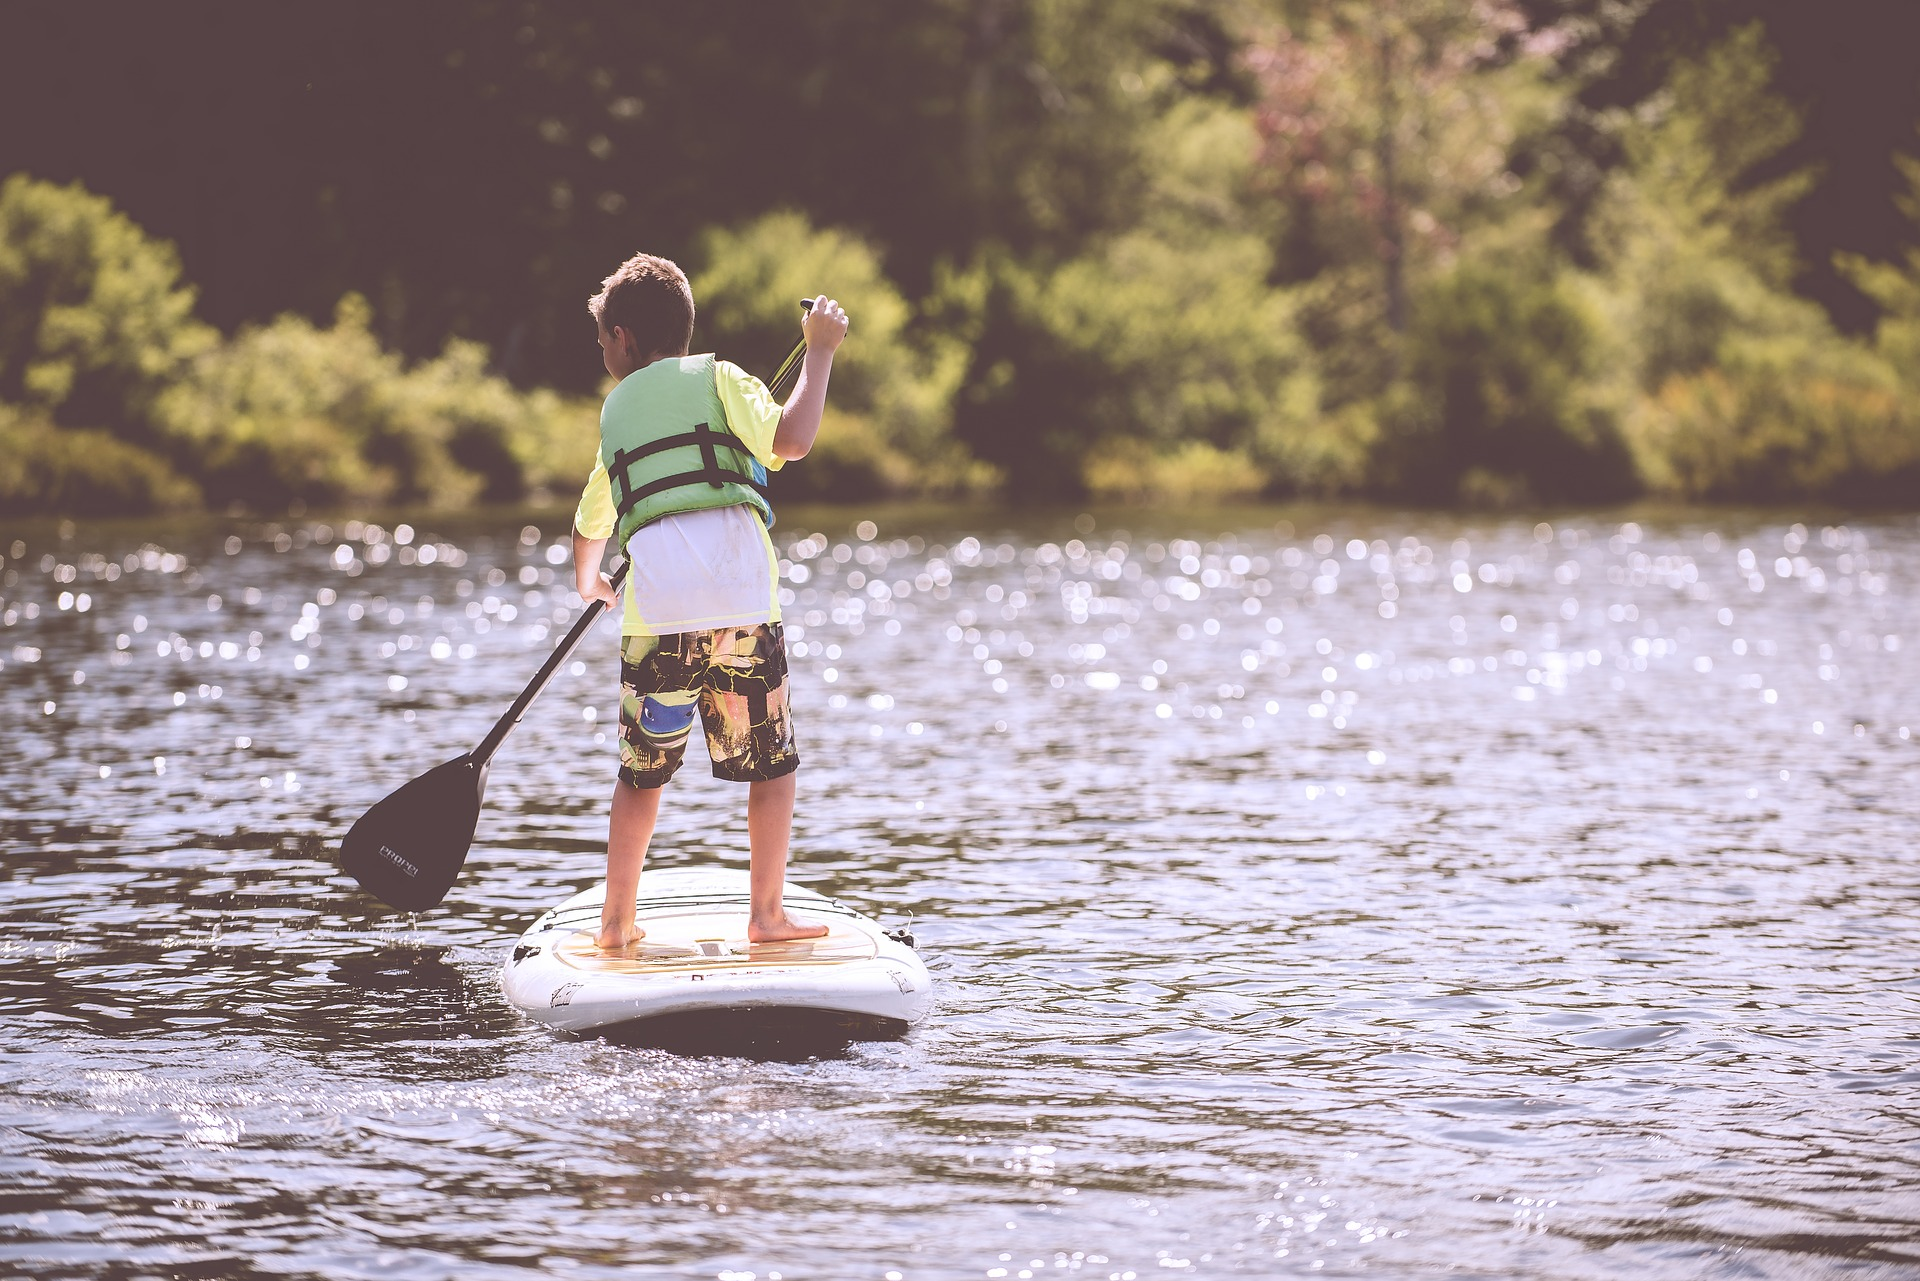 【子供とキャンプ】リスクマネジメント5つのポイント